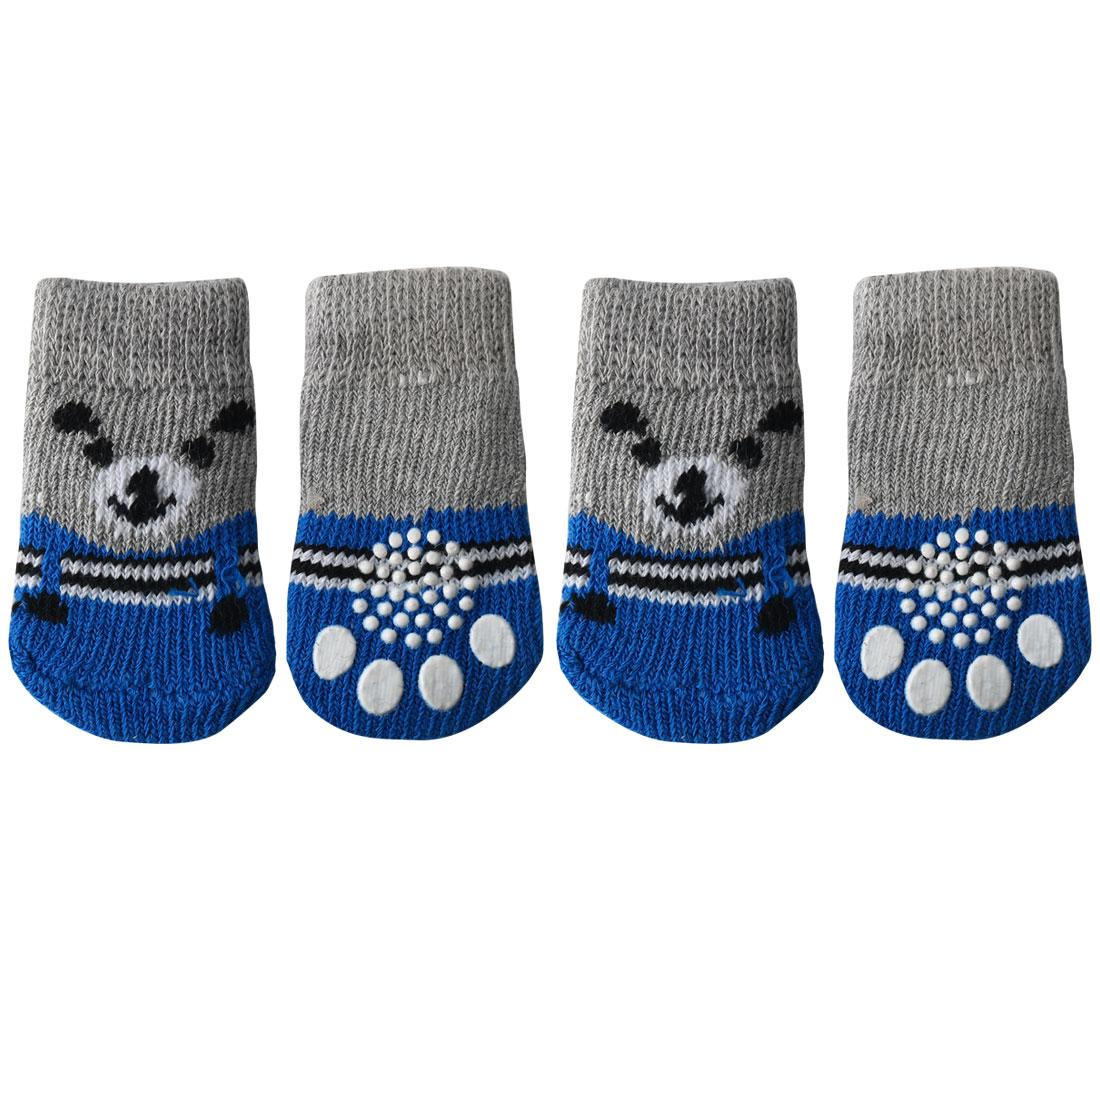 4 PCS Puppy Dog Cat Socks Warm Soft Anti-Slip Knit Paw Protector Grey + Blue, L